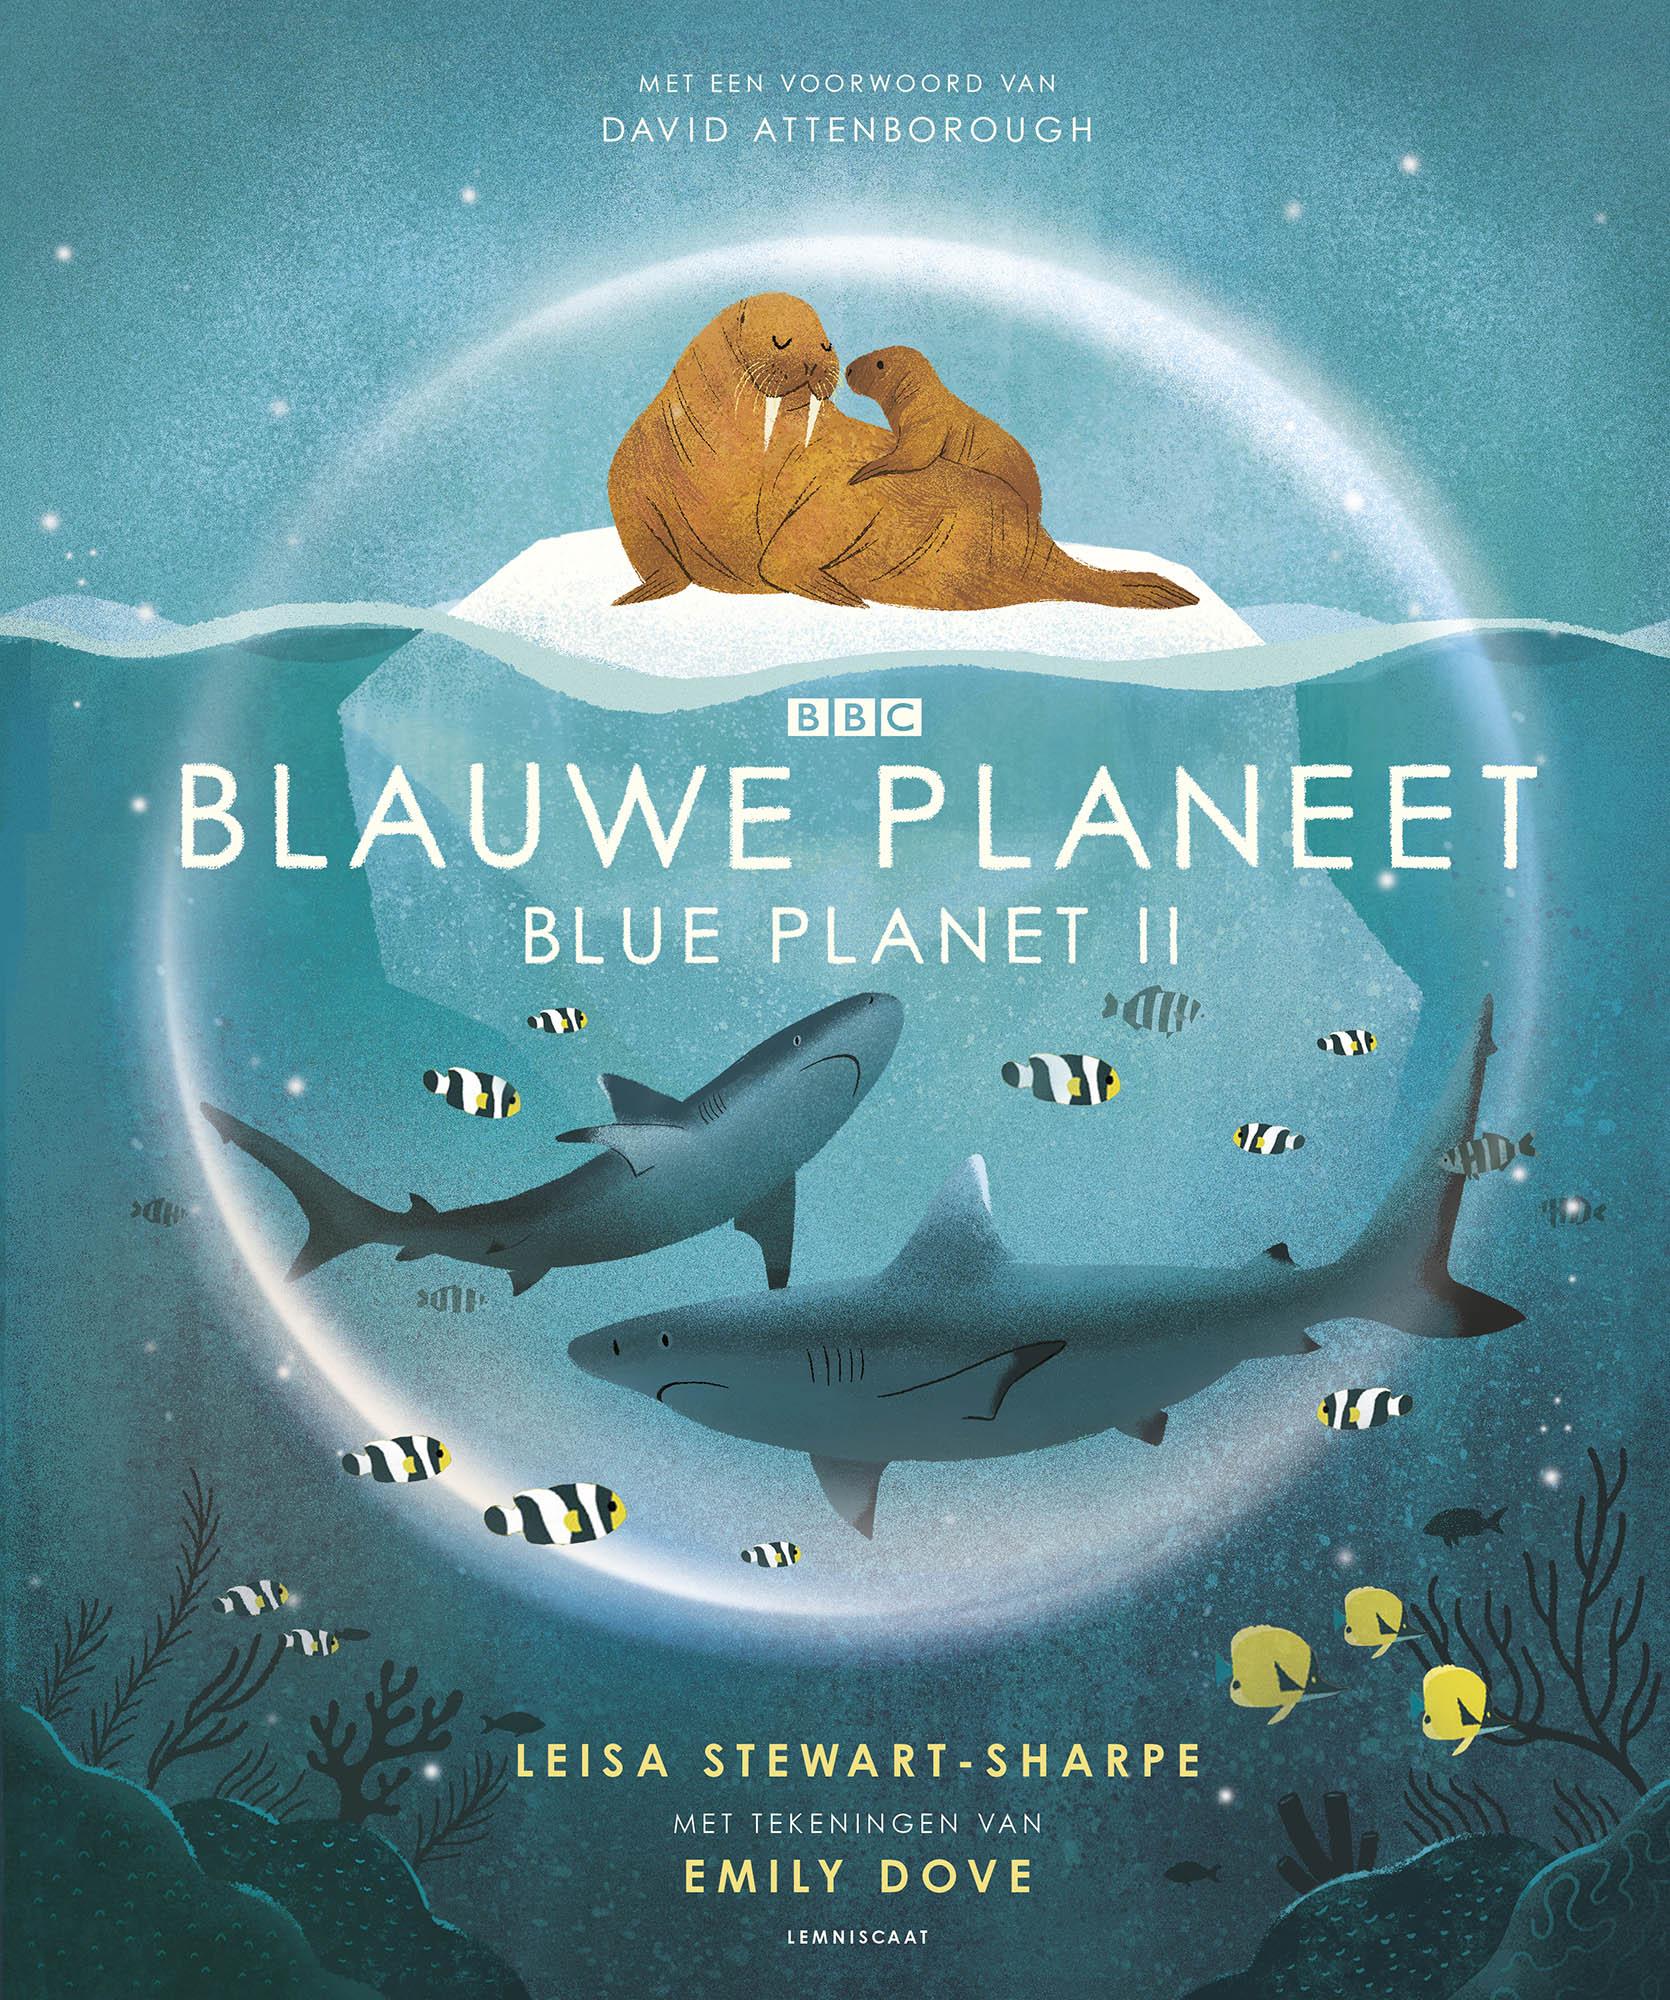 Blauwe Planeet / Blue Planet II 9789047713036 Leisa Stewart-Sharpe & Emily Dove Lemniscaat   Kinderboeken, Natuurgidsen Reisinformatie algemeen